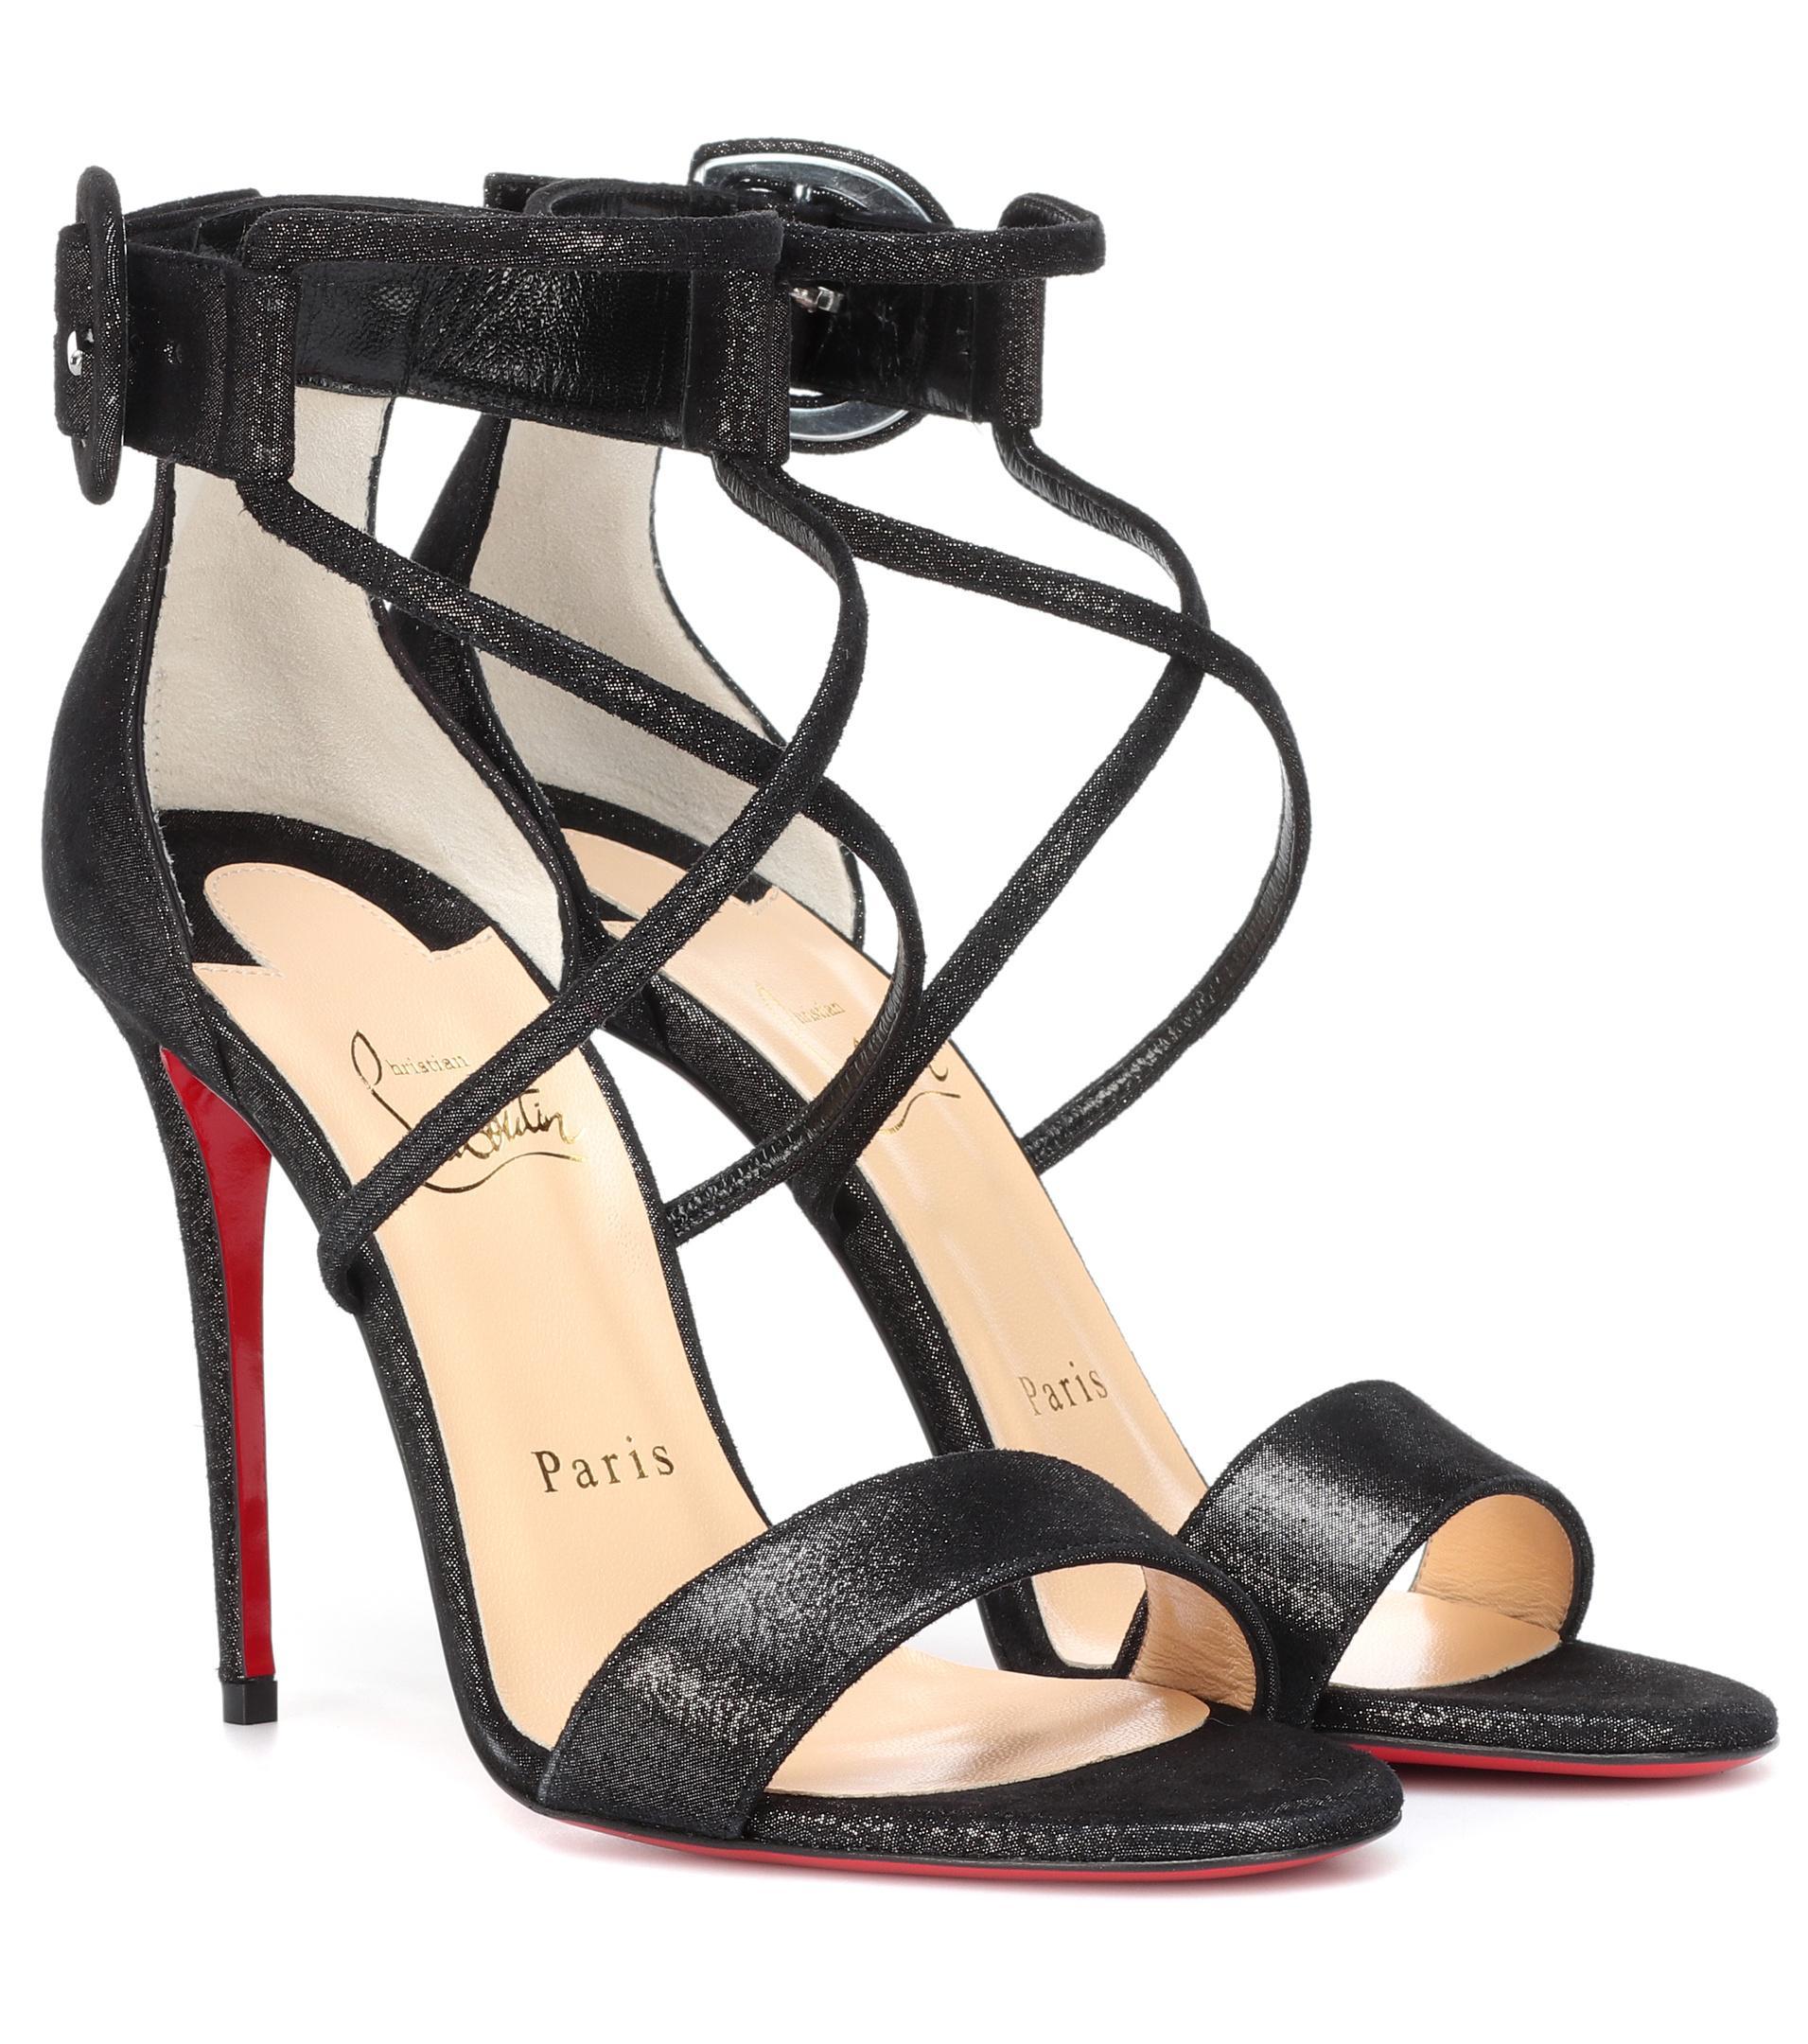 separation shoes 7c96c 88f67 Women's Black Choca 100 Suede Lamé Sandals